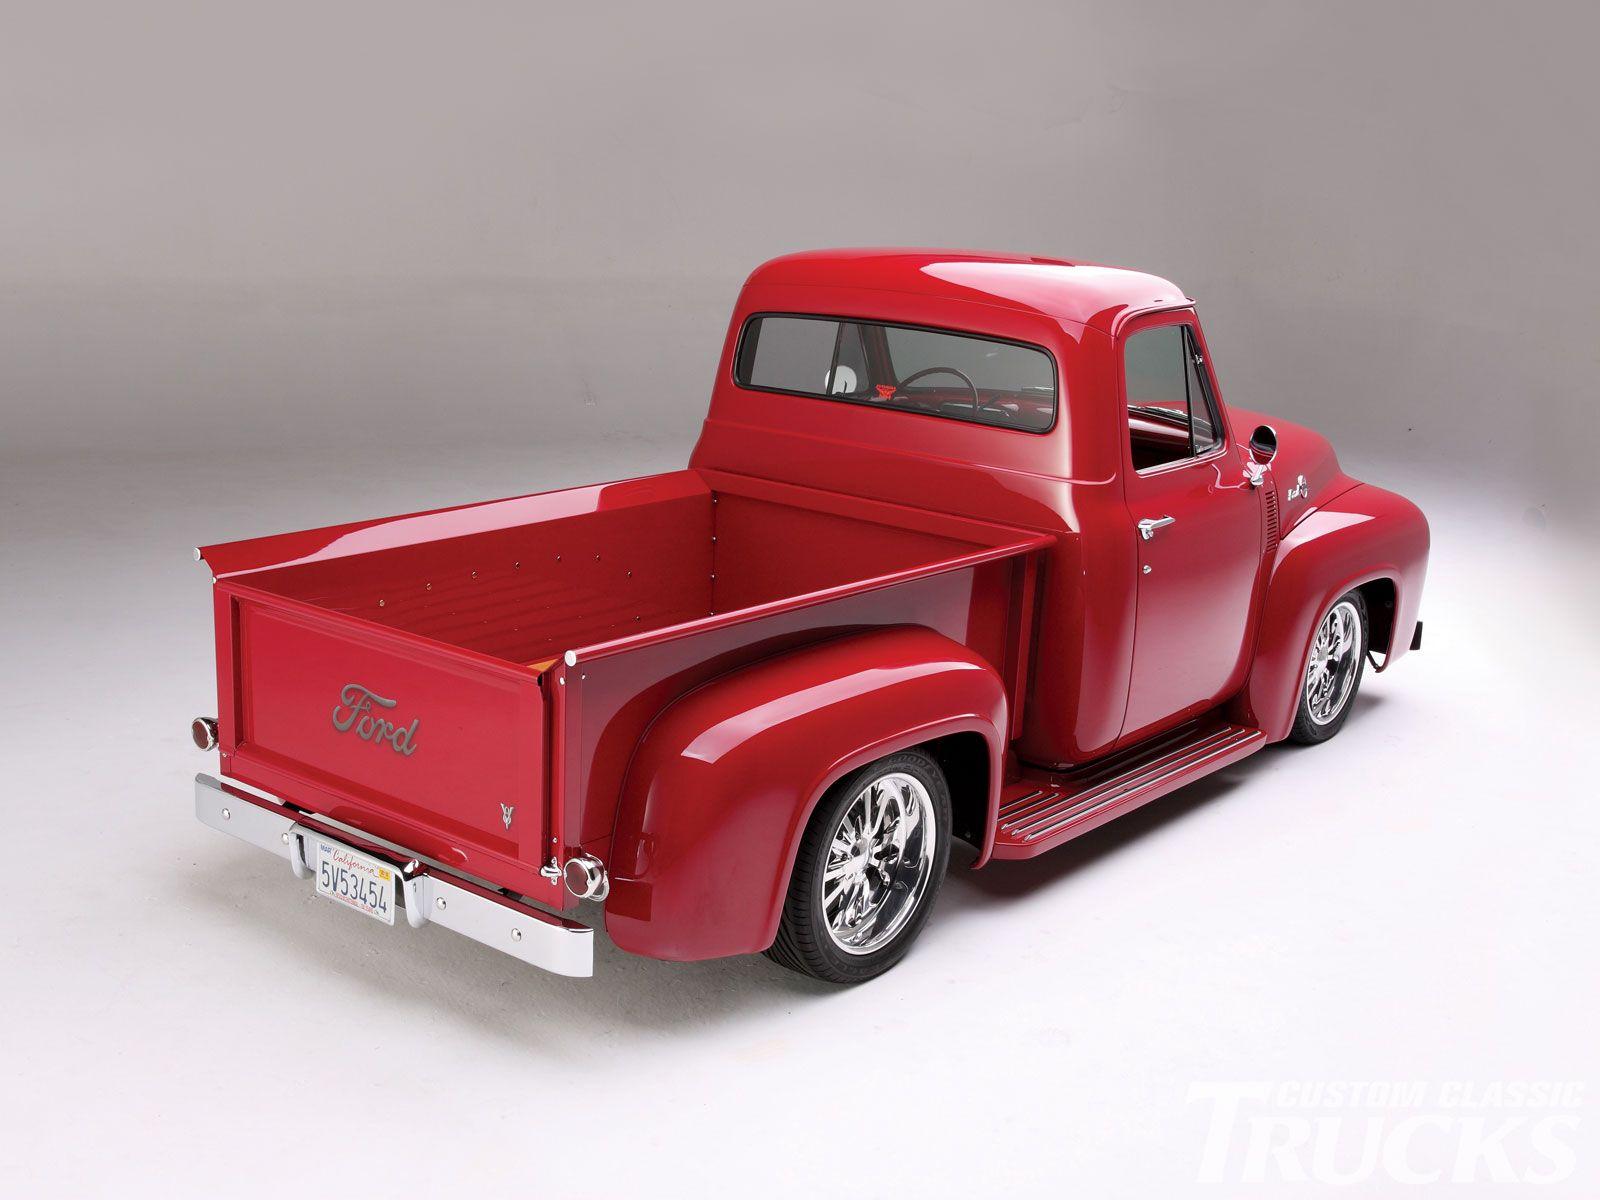 1955 ford f100 pickup truck custom paint job